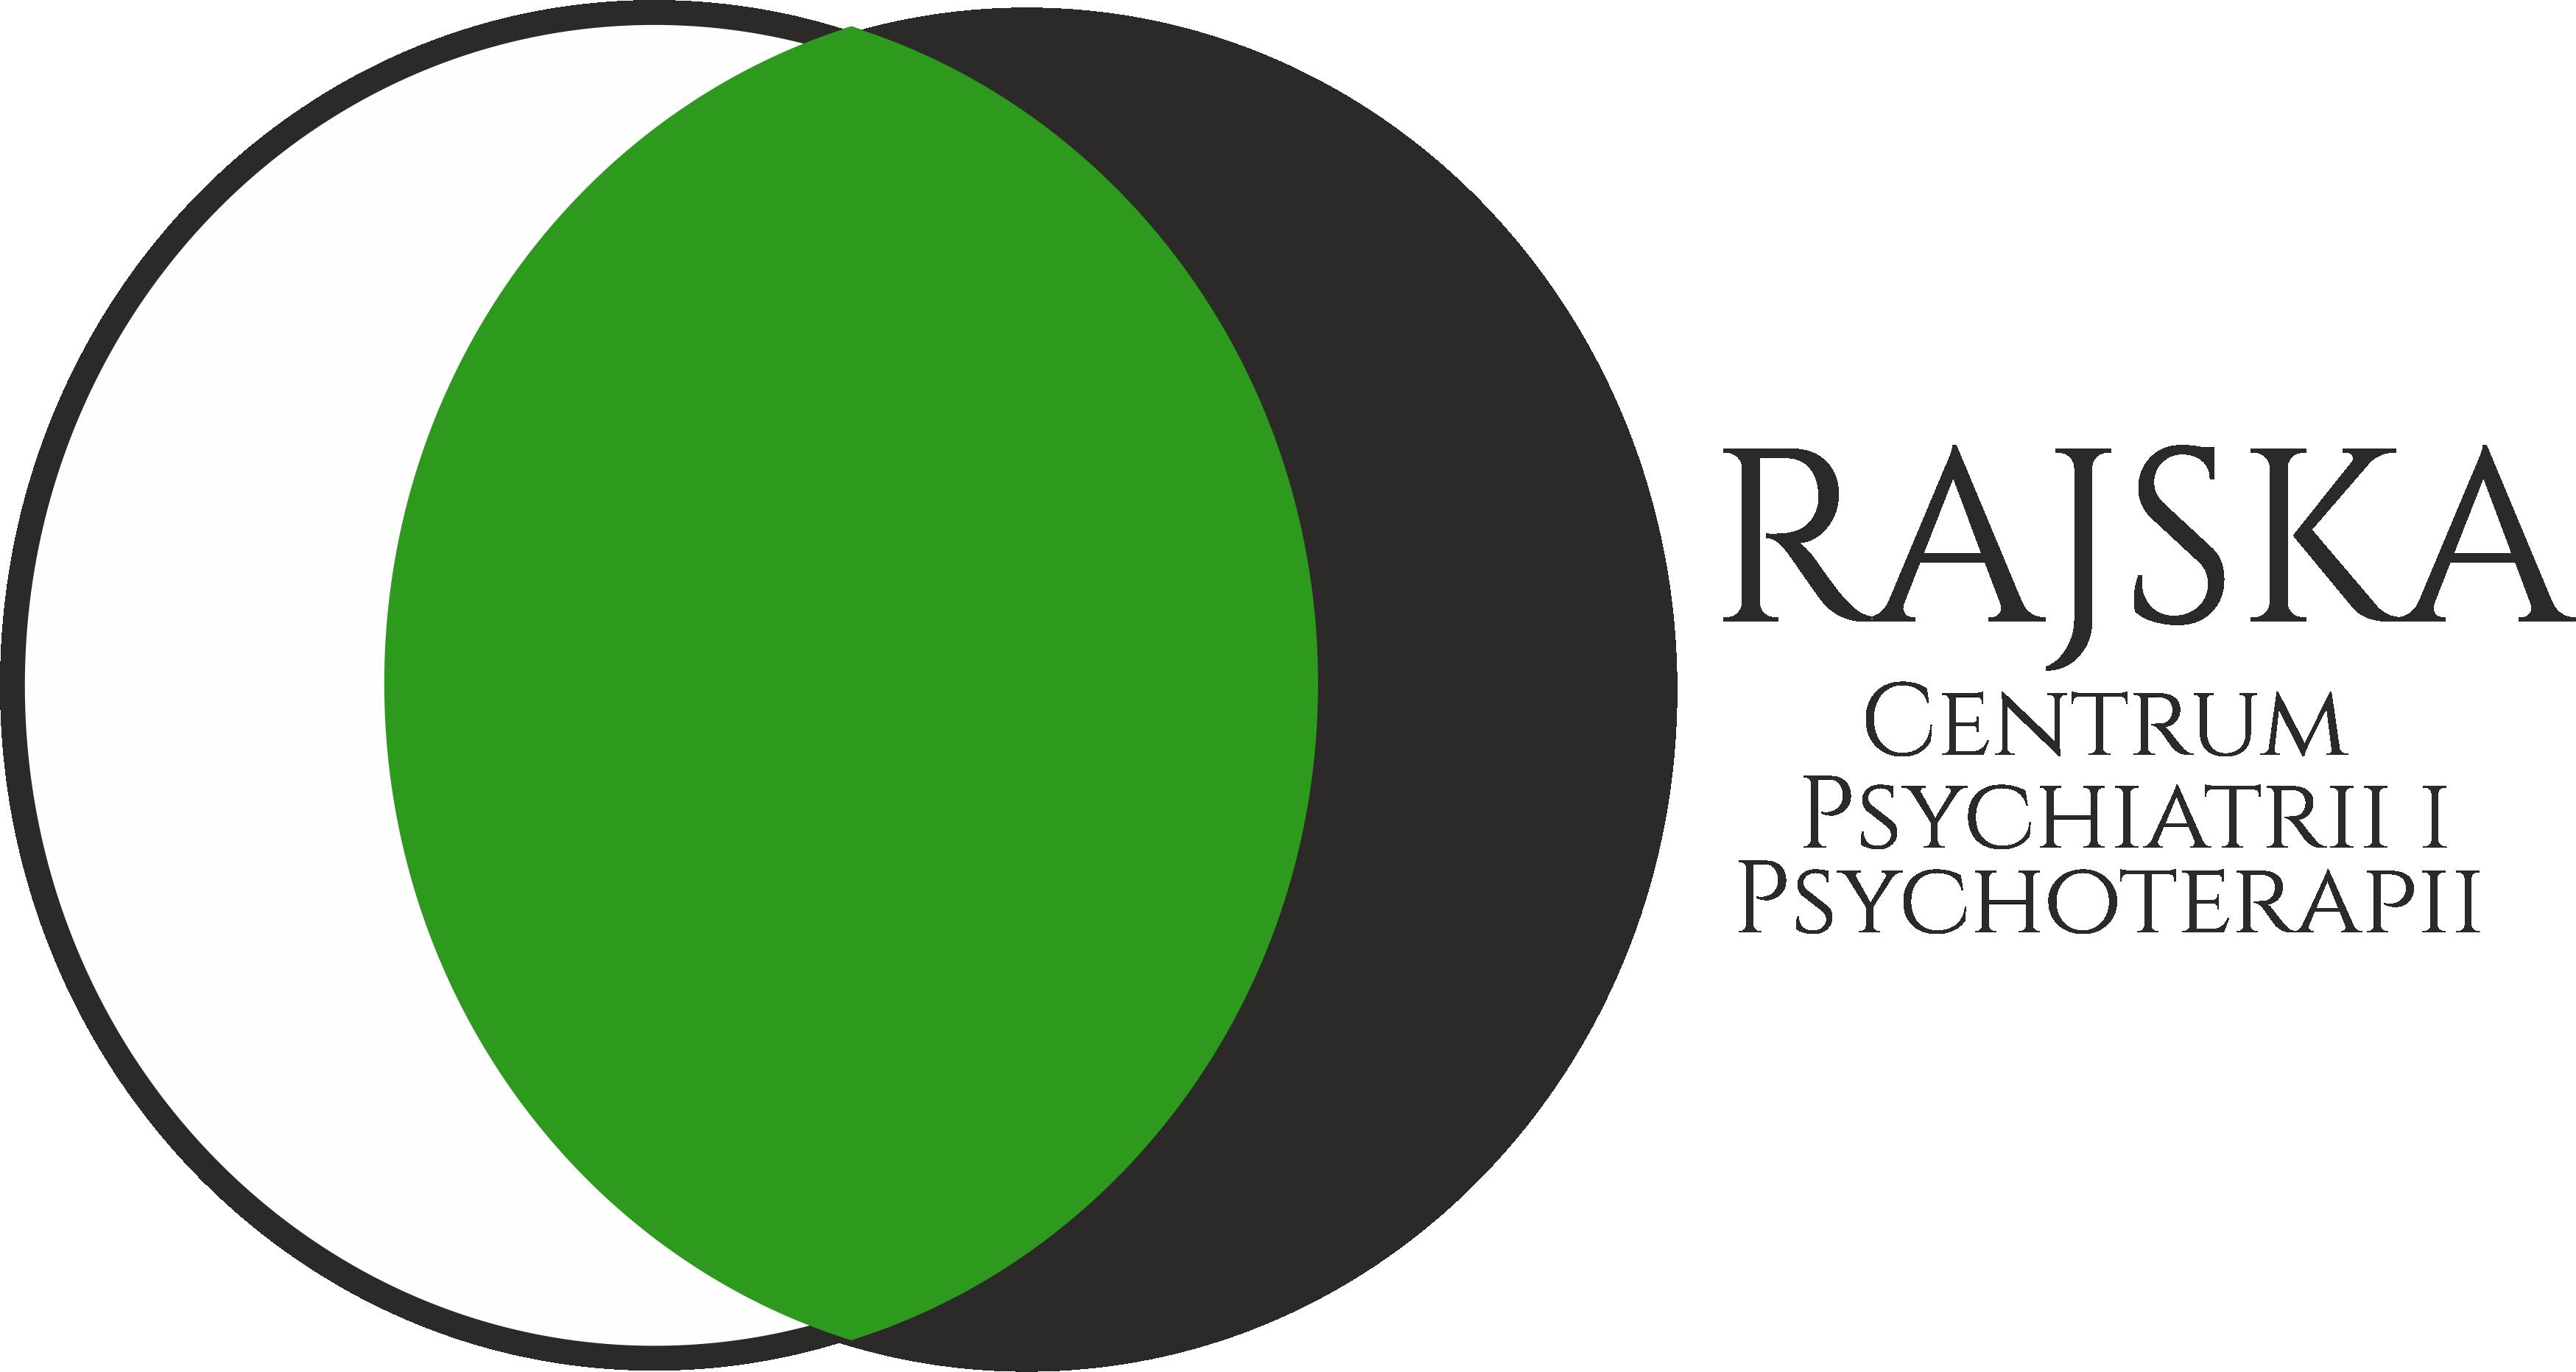 Centrum Psychiatrii i Psychoterapii Rajska